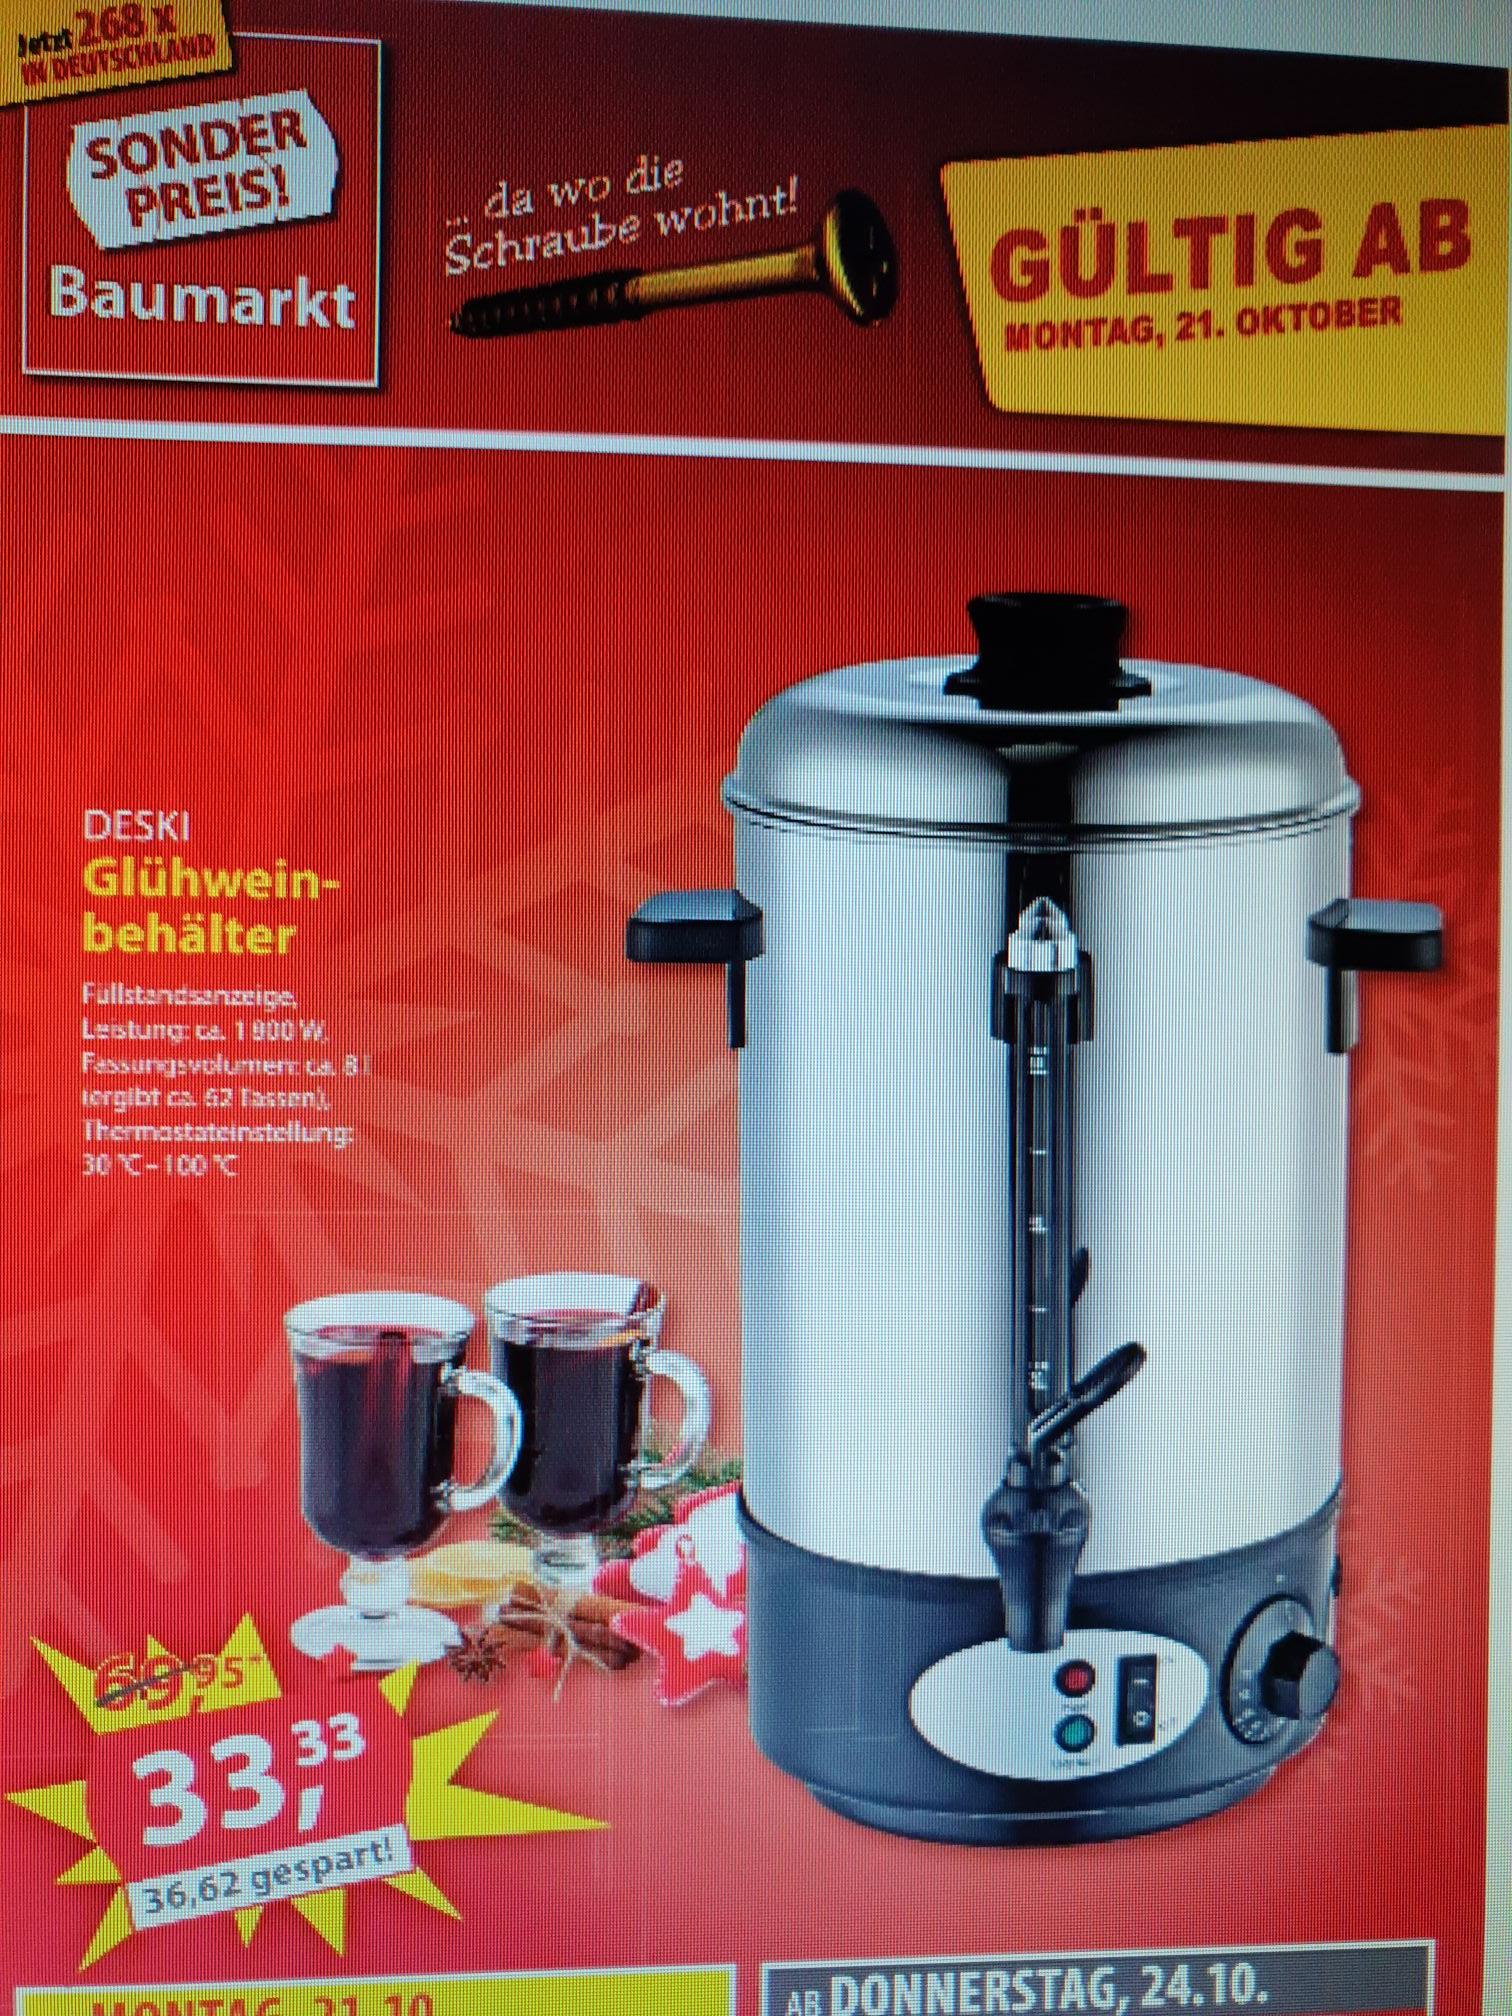 (Sonderpreis Baumarkt) Glühweintopf 8Liter / Edelstahl für 33,33€